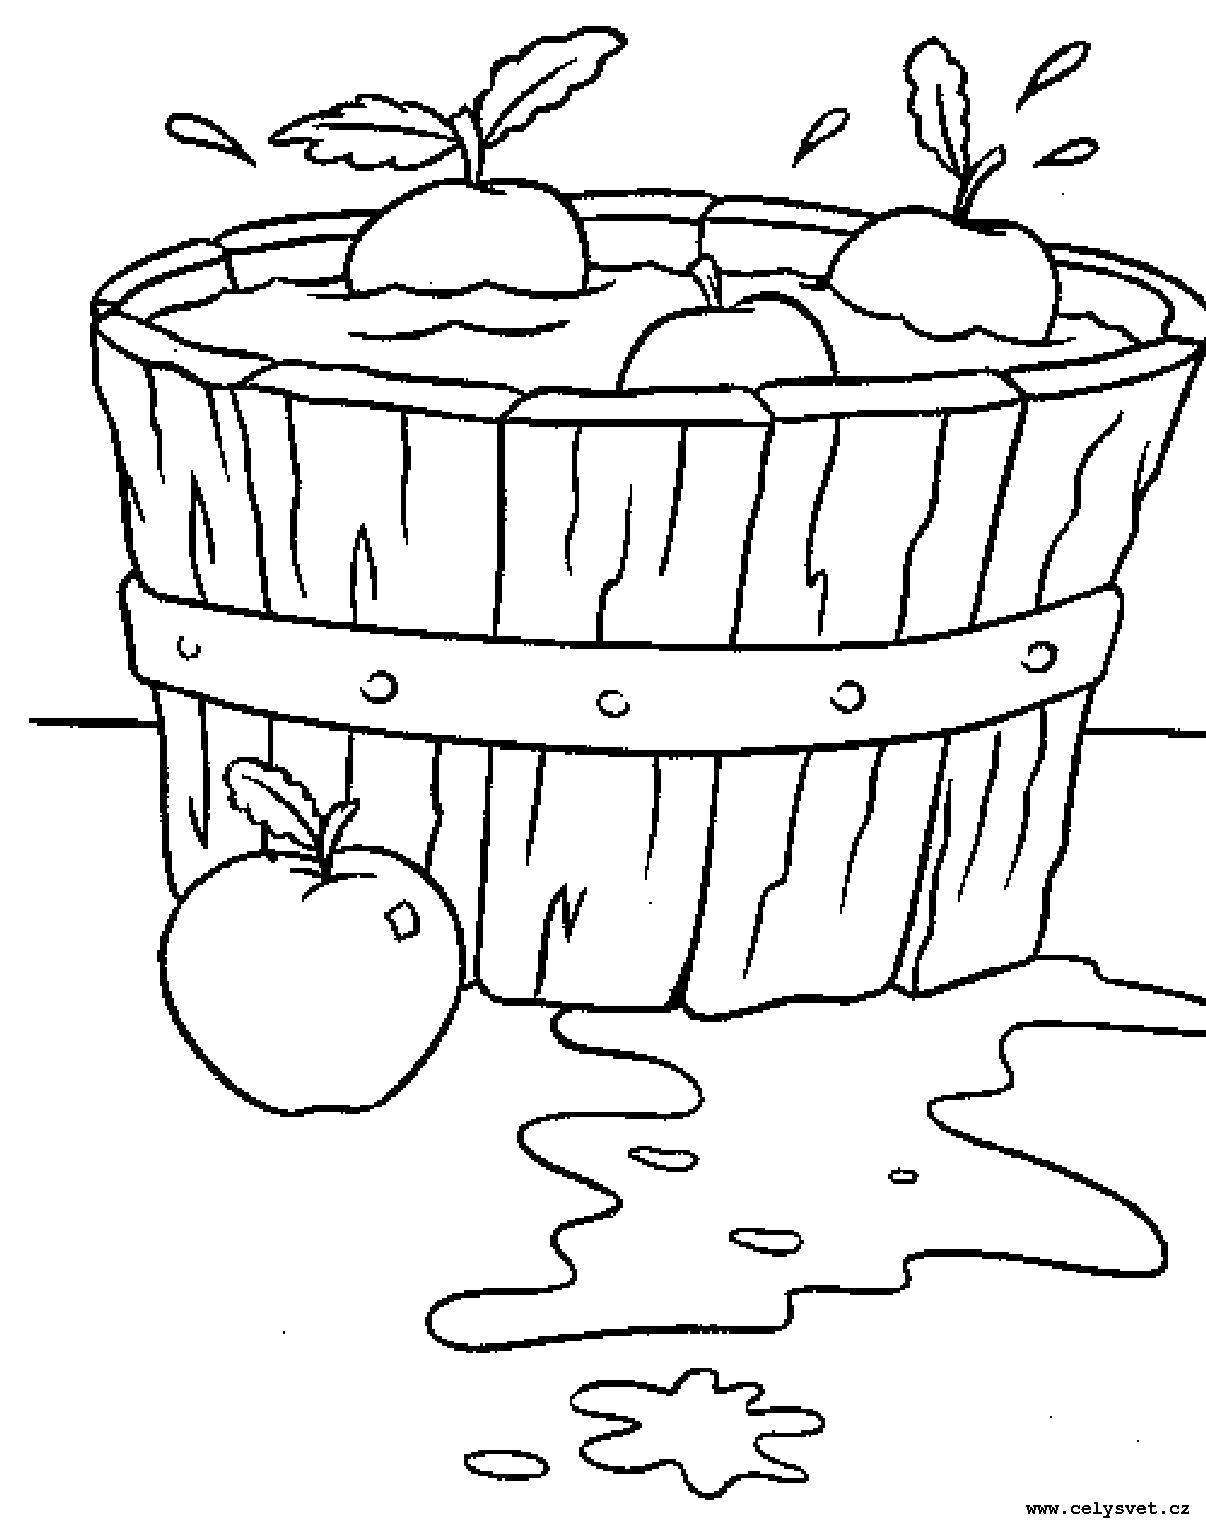 Раскраска Распечатать бесплатные  для детей: Для самых маленьких: Овощи, фрукты. Скачать Овощи.  Распечатать Овощи